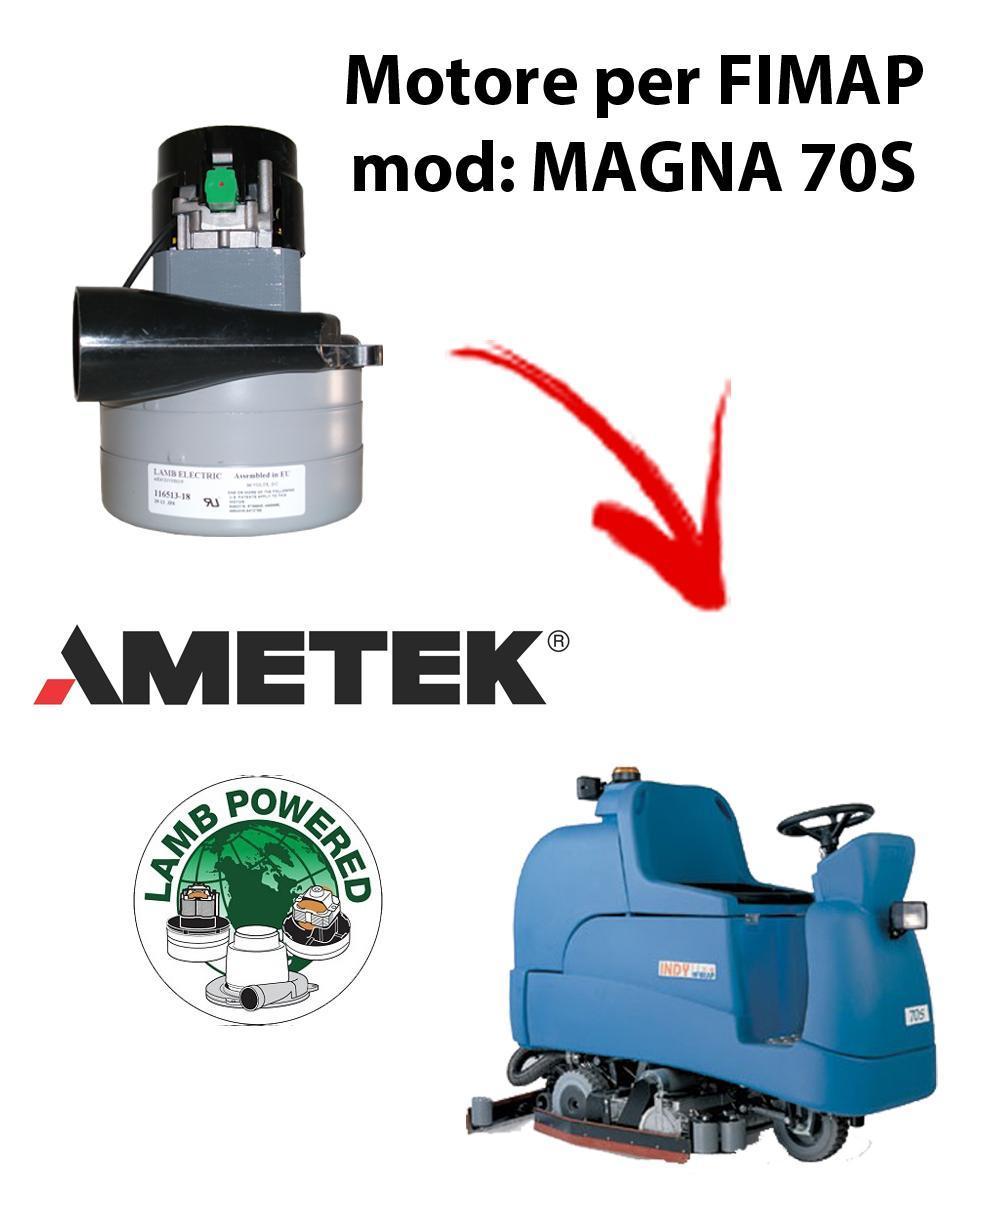 MAGNA 70S MOTEUR ASPIRATION AMETEK pour autolaveuses Fimap